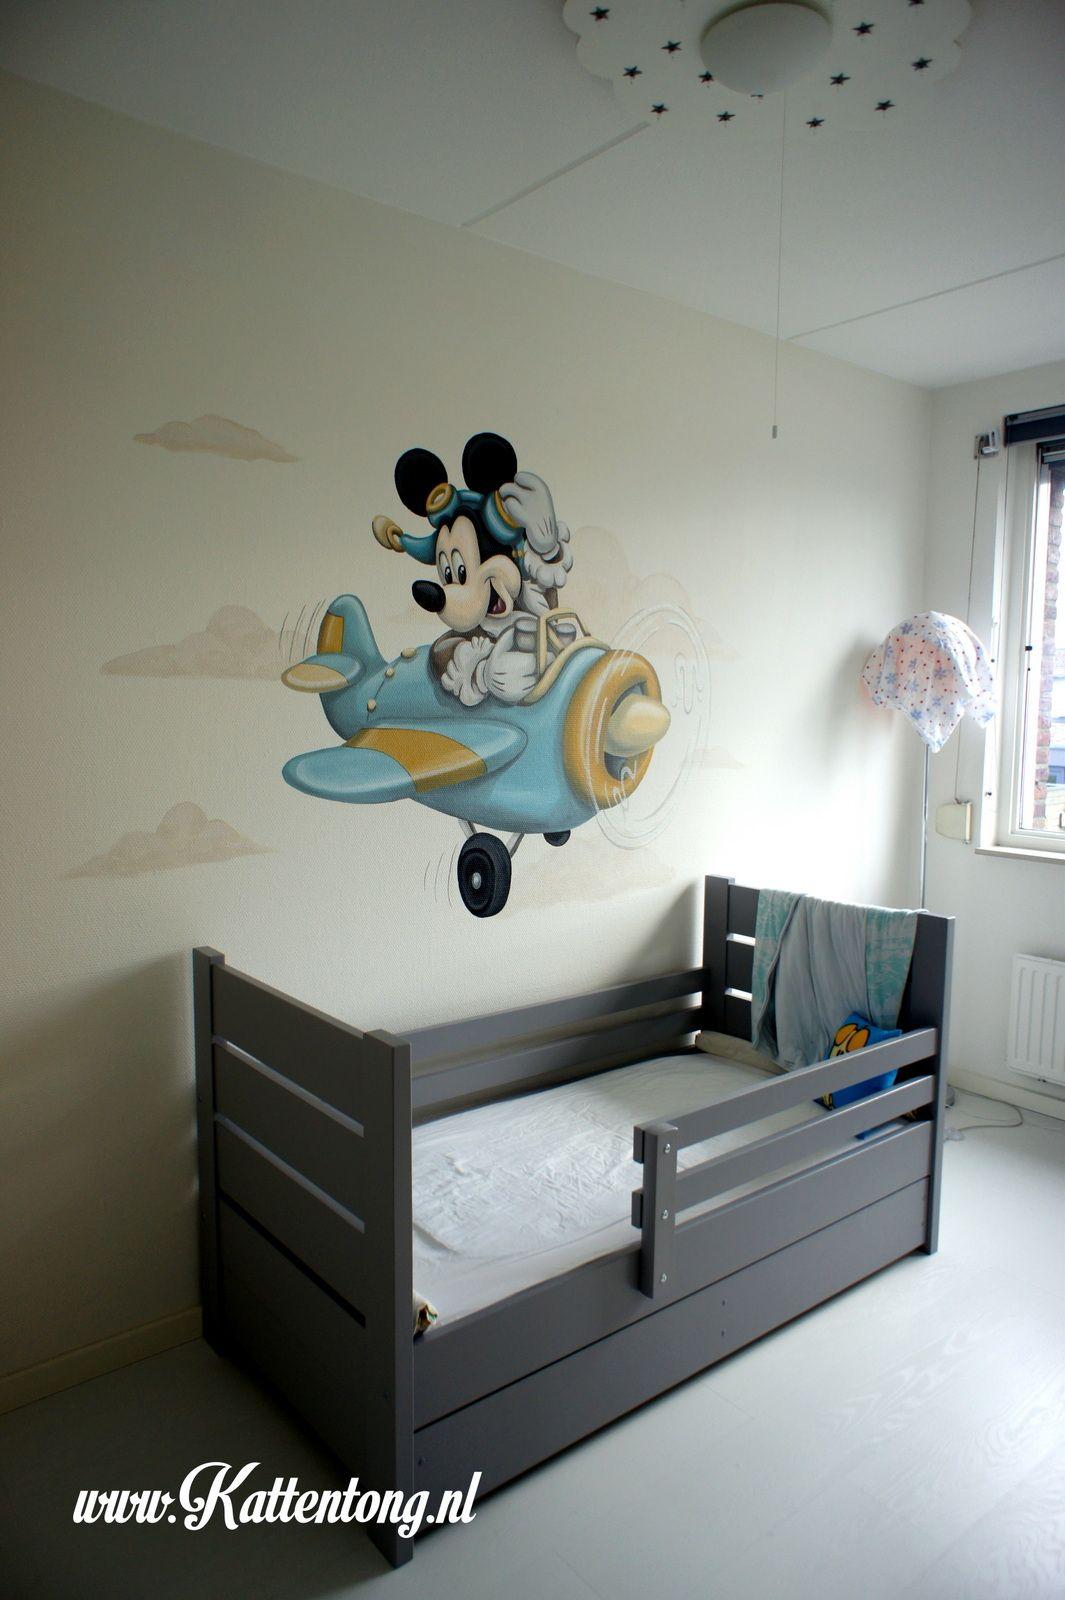 Genoeg Muurschildering: Mickey Mouse in vliegtuigje Gemaakt door QQ22